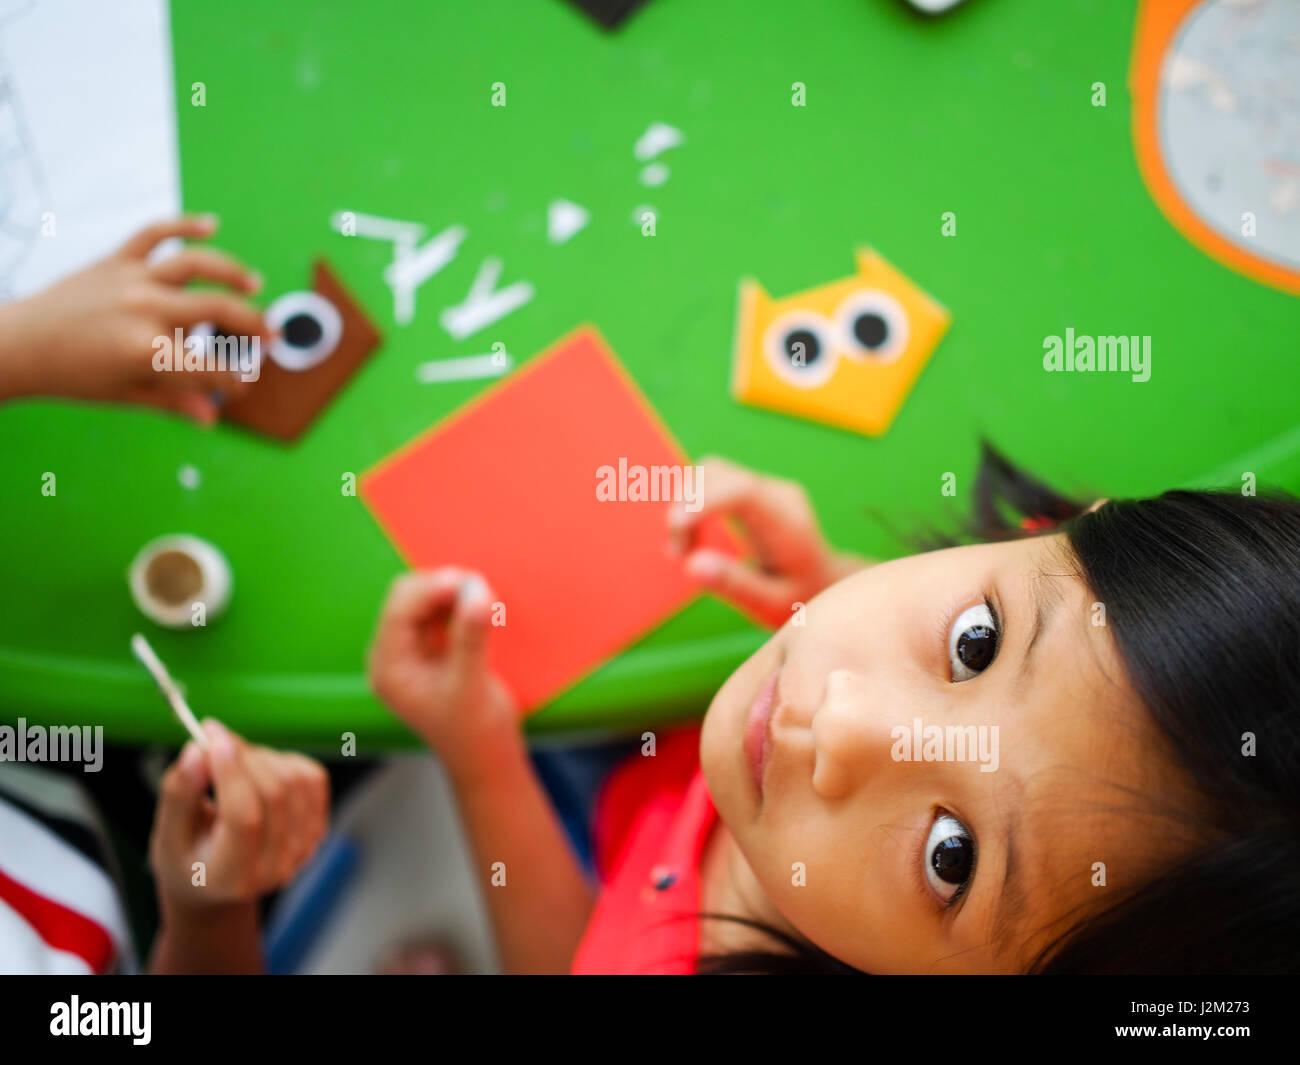 Asiatische Kind spielt mit Origami-Papier Stockbild